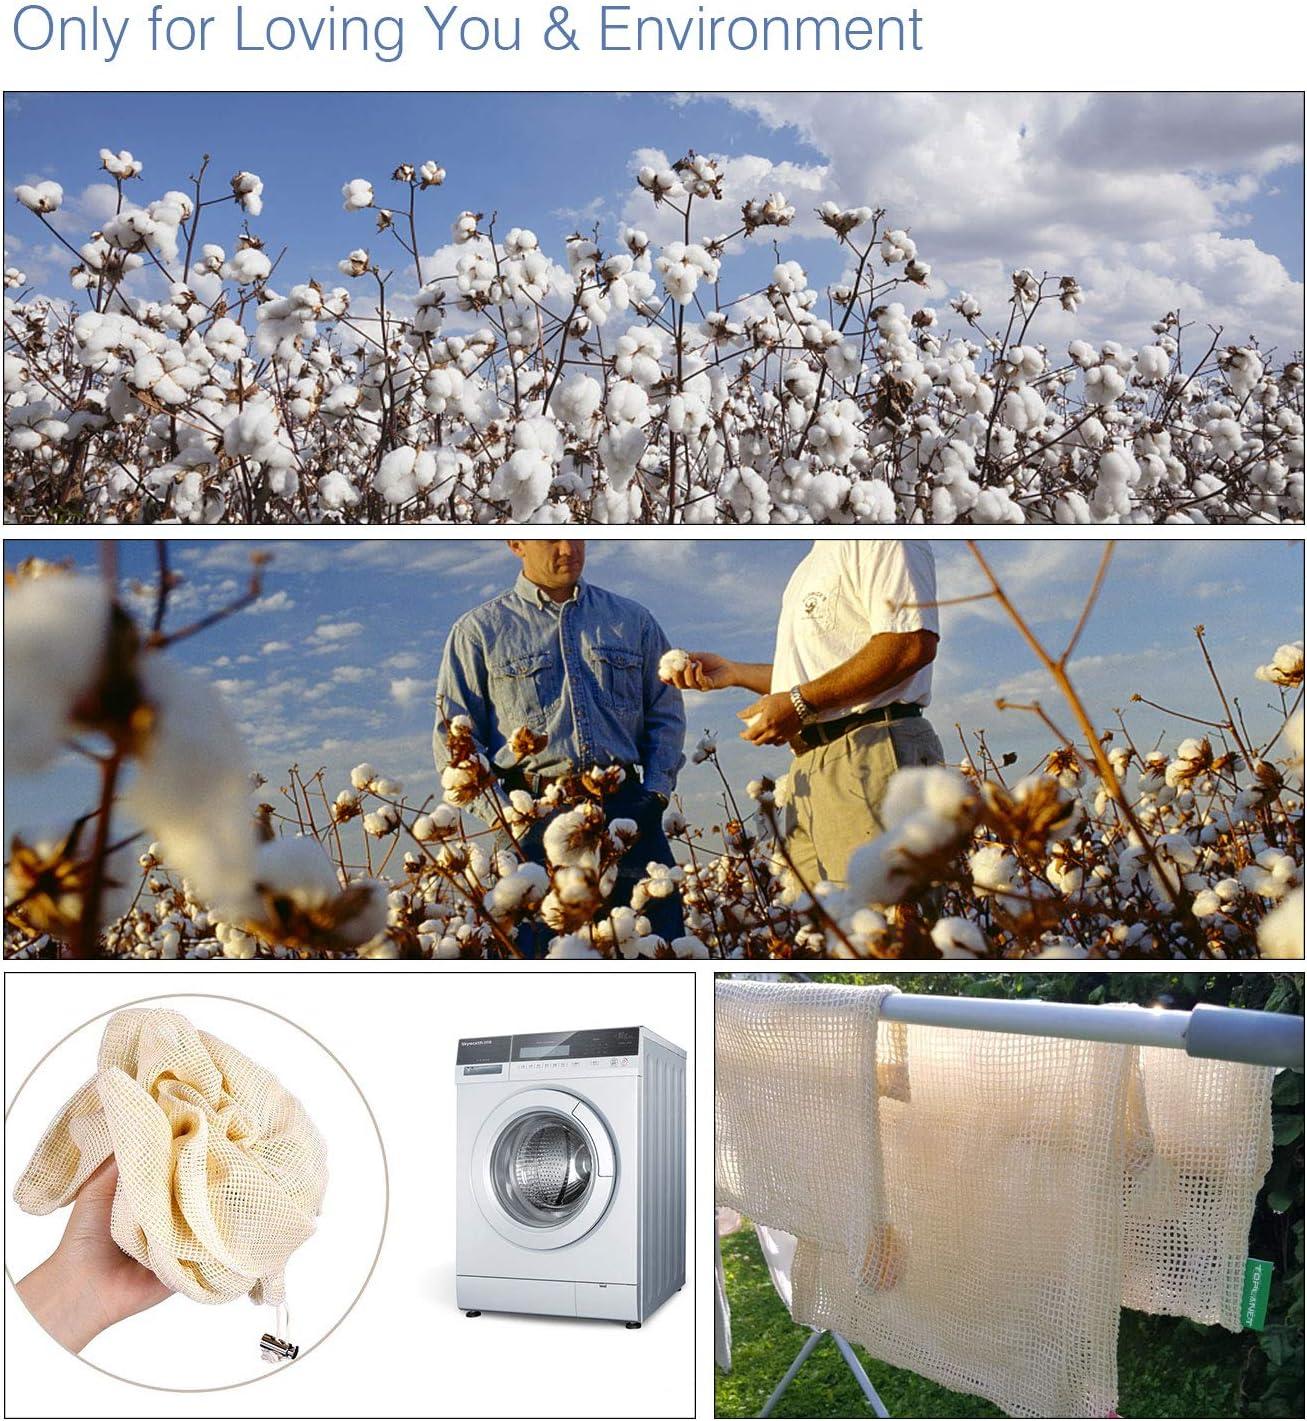 TOPLANET Sac Reutilisable 8 PCS 100/% Coton Produire des Sacs L/égume avec Cordon de Serrage Double Cousu L//M//S Taille Durable Lavable Mesh Bags pour Shopping et Stockage